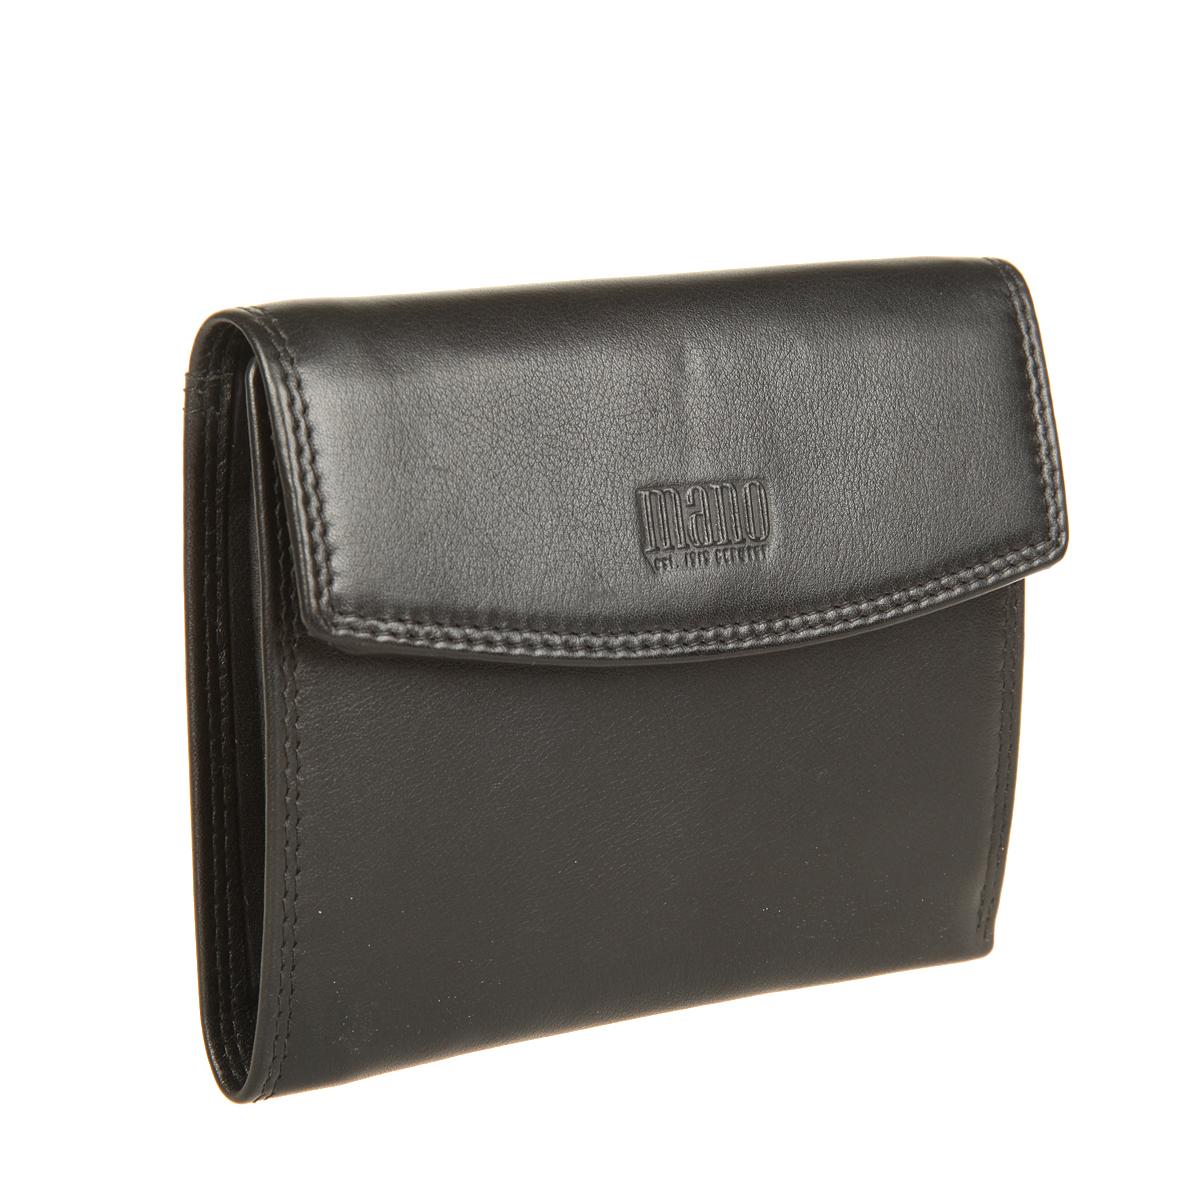 Портмоне мужское Mano, цвет: черный. 1900819008 blackСтильное мужское портмоне Mano изготовлено из натуральной кожи, оформлено тиснением с символикой бренда. Изделие раскладывается и закрывается клапаном на кнопку. Внутри портмоне расположены два отделения для купюр, два потайных кармана, сетчатый карман, два кармана для мелких документов, восемь прорезных карманов для пластиковых карт и отделение для монет, закрывающееся клапаном на кнопку. Изделие поставляется в фирменной упаковке. Такое практичное портмоне станет отличным подарком для человека, ценящего качественные и необычные вещи.